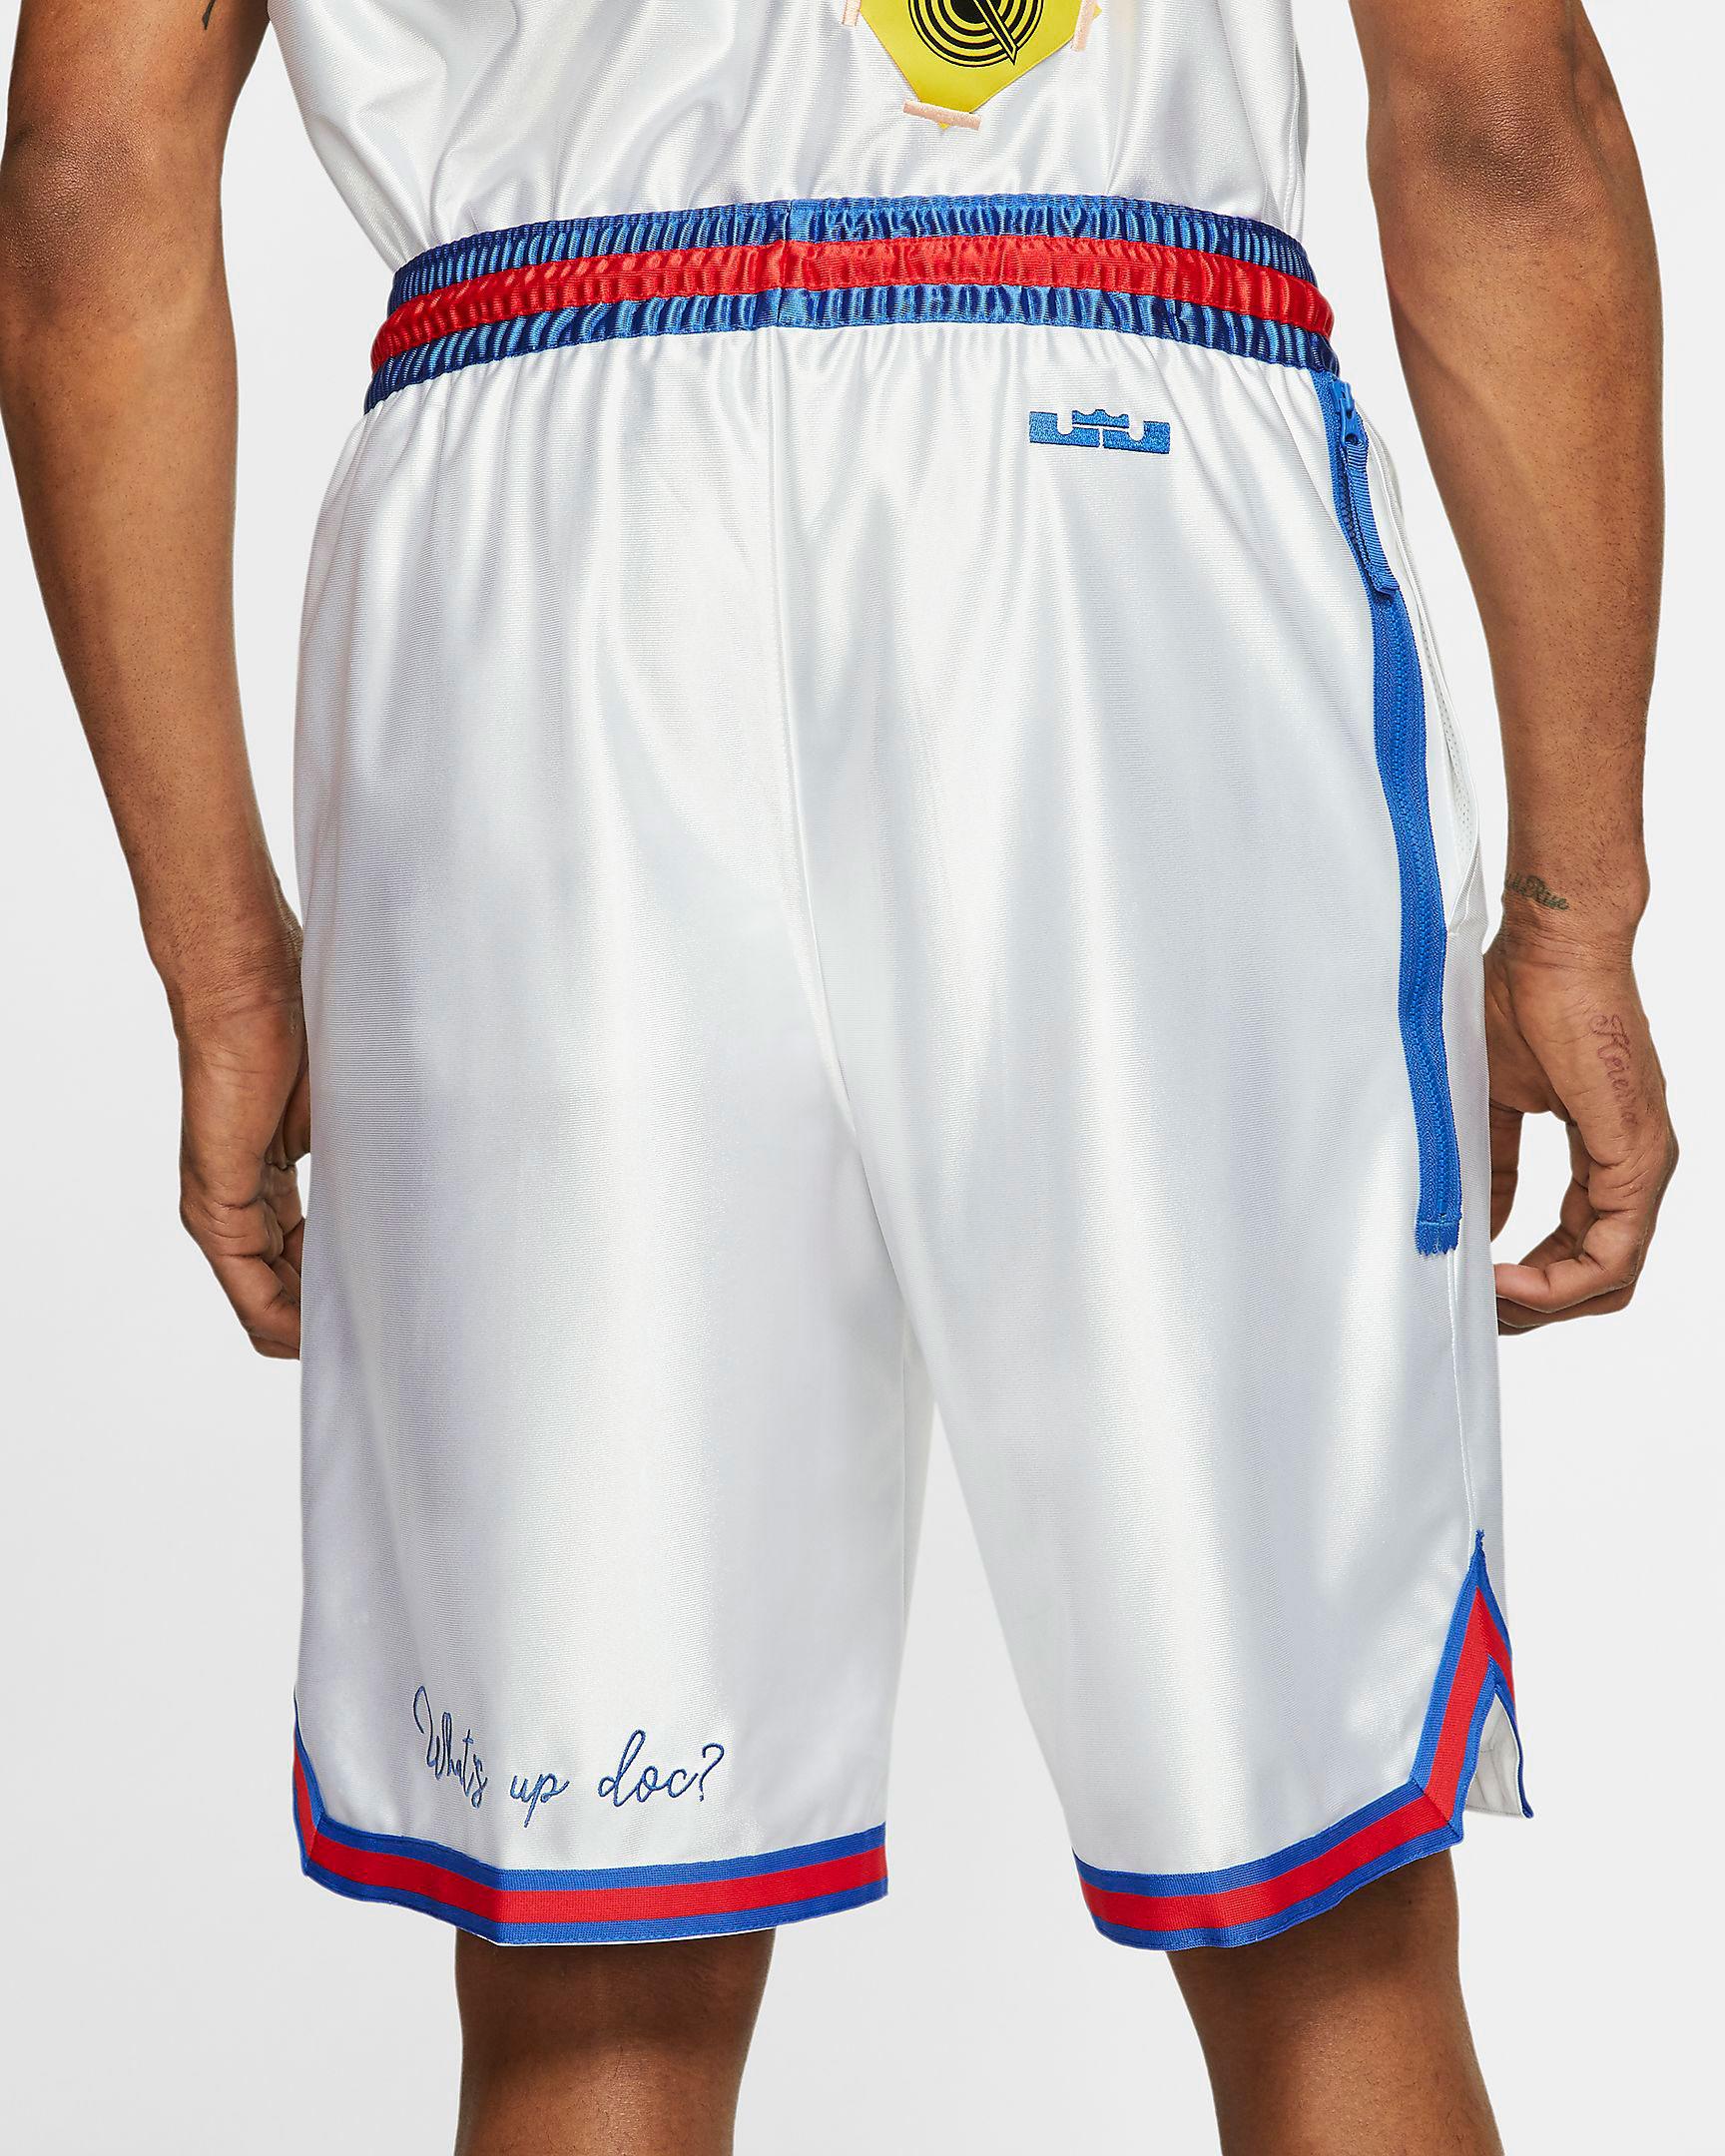 nike-lebron-tune-squad-shorts-2